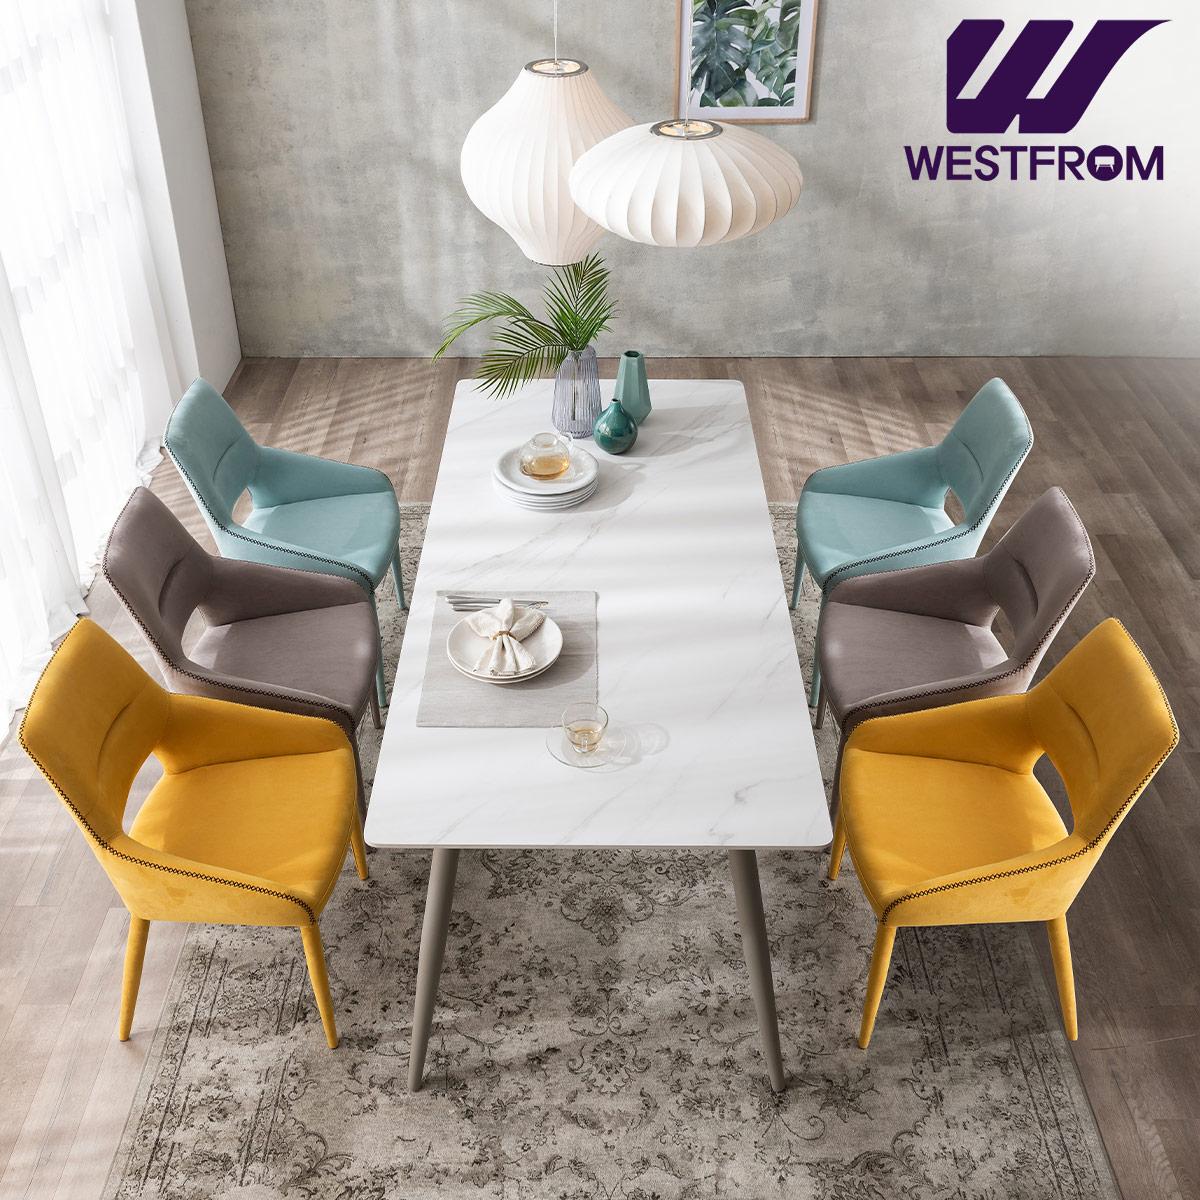 [웨스트프롬] 라클리 이지클린 6인 포세린 세라믹 식탁 + 의자 6개